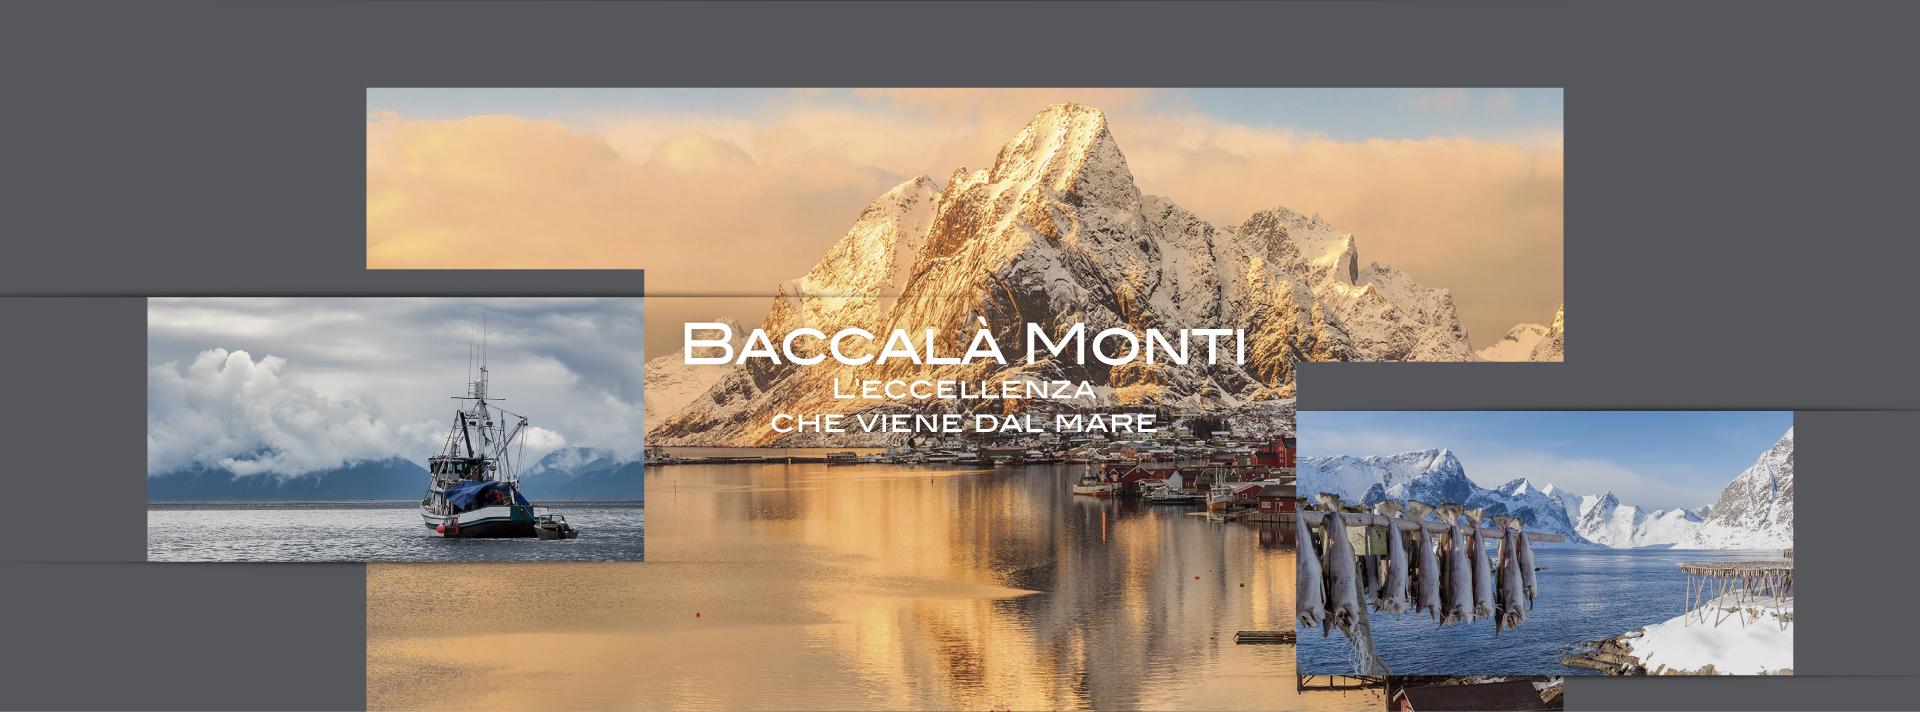 Baccalà Monti marchi-08